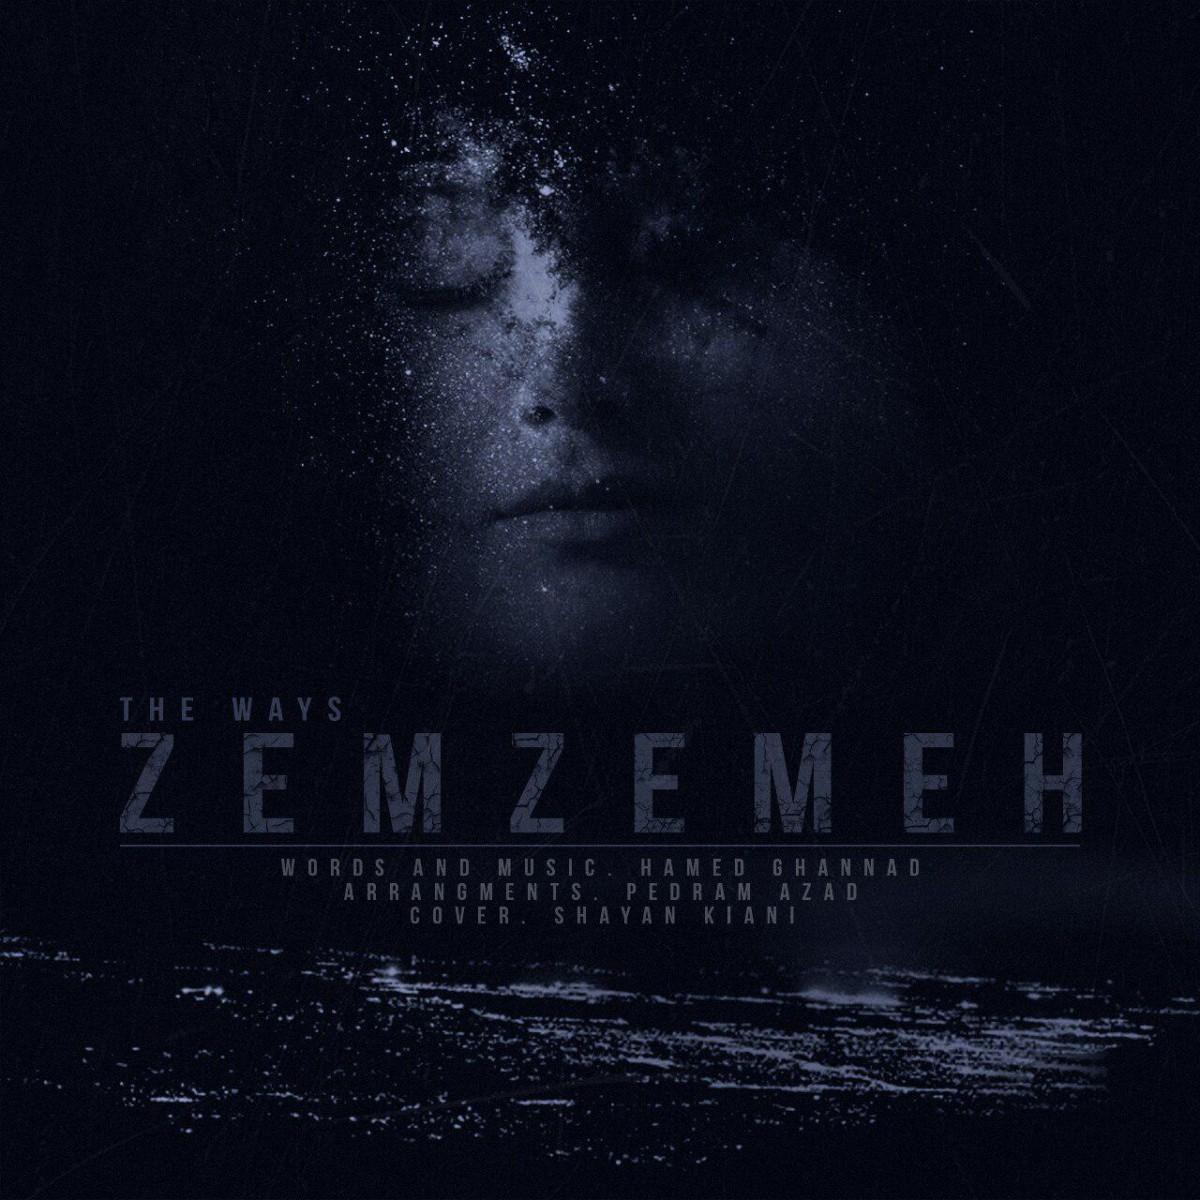 نامبر وان موزیک | دانلود آهنگ جدید The-Ways-Zemzemeh